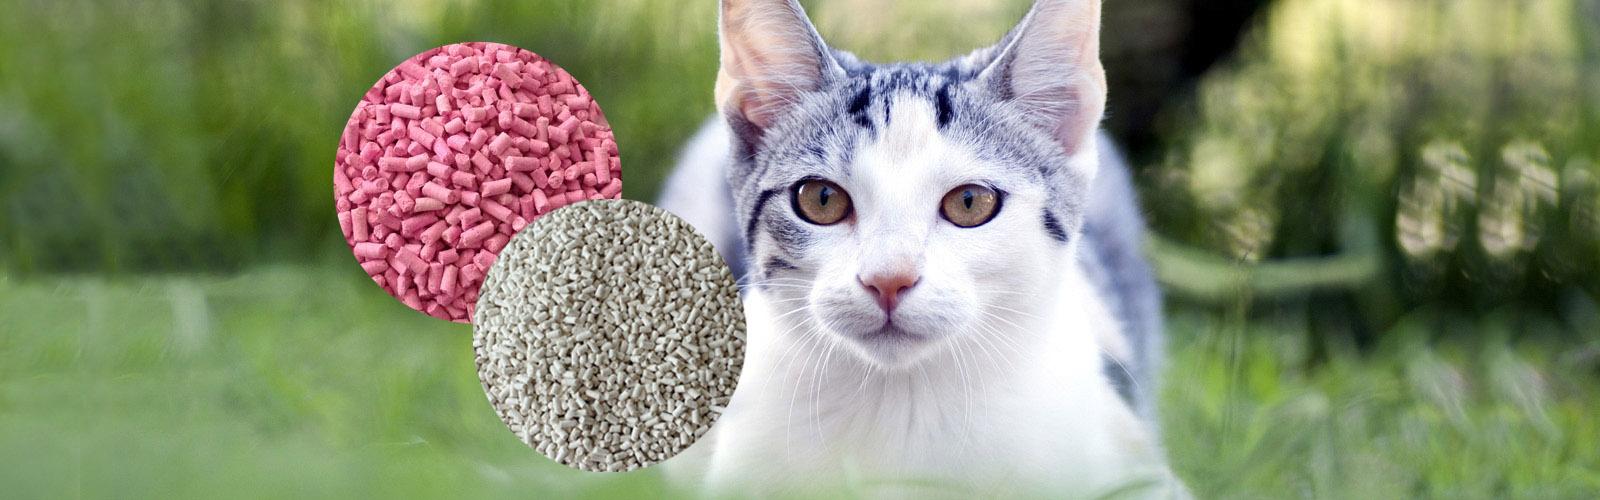 我们的主要产品有植物猫砂、纸质猫砂等